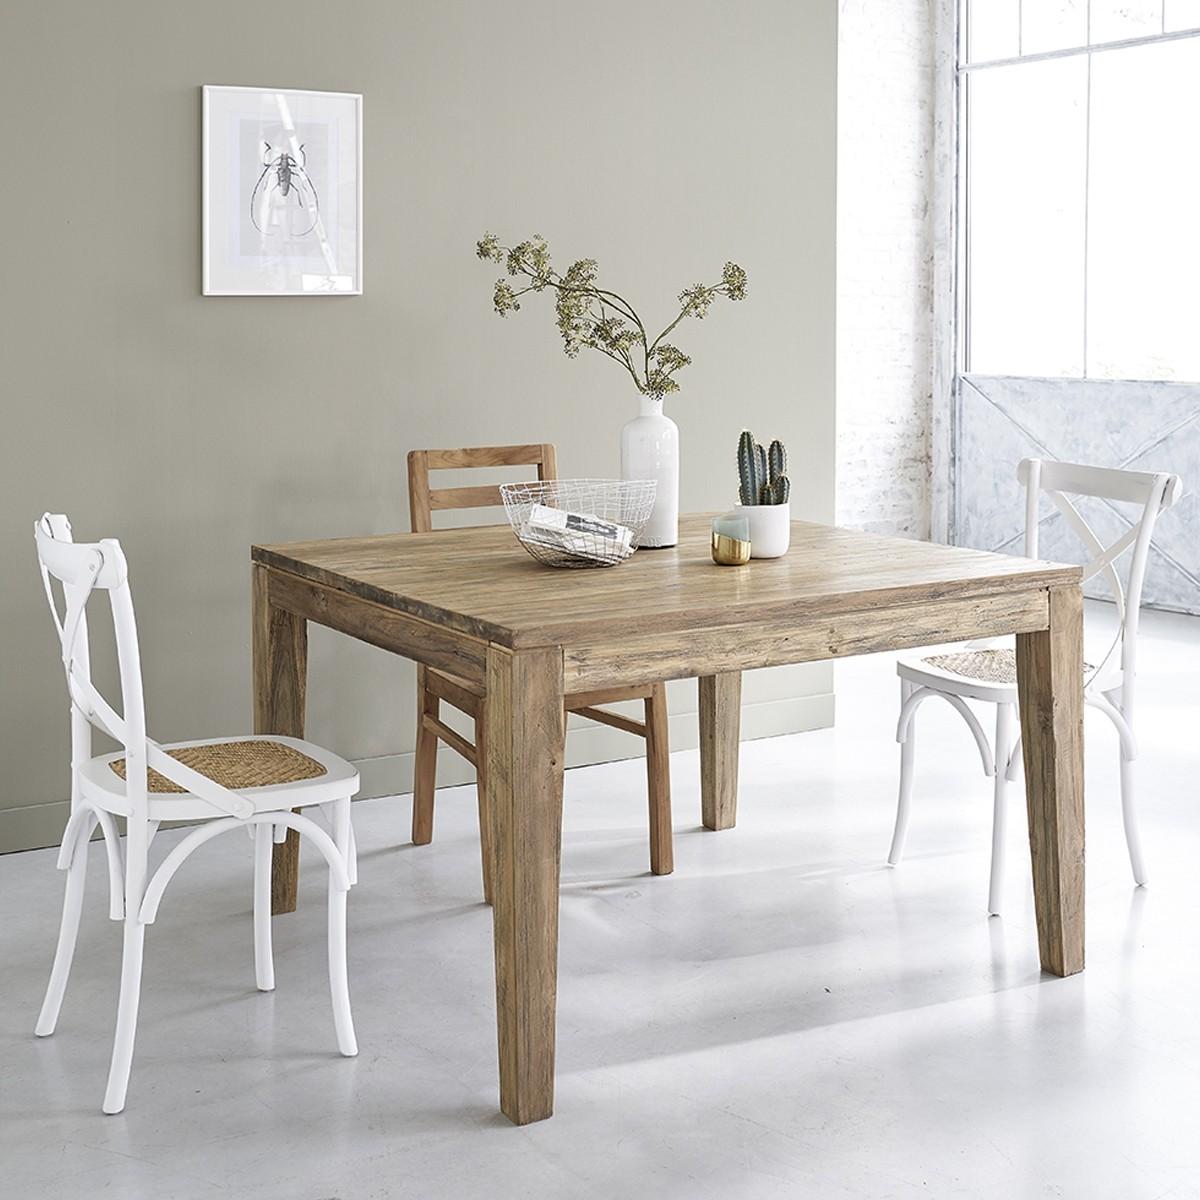 table extensible en bois de teck recycle carree 10 personnes cargo